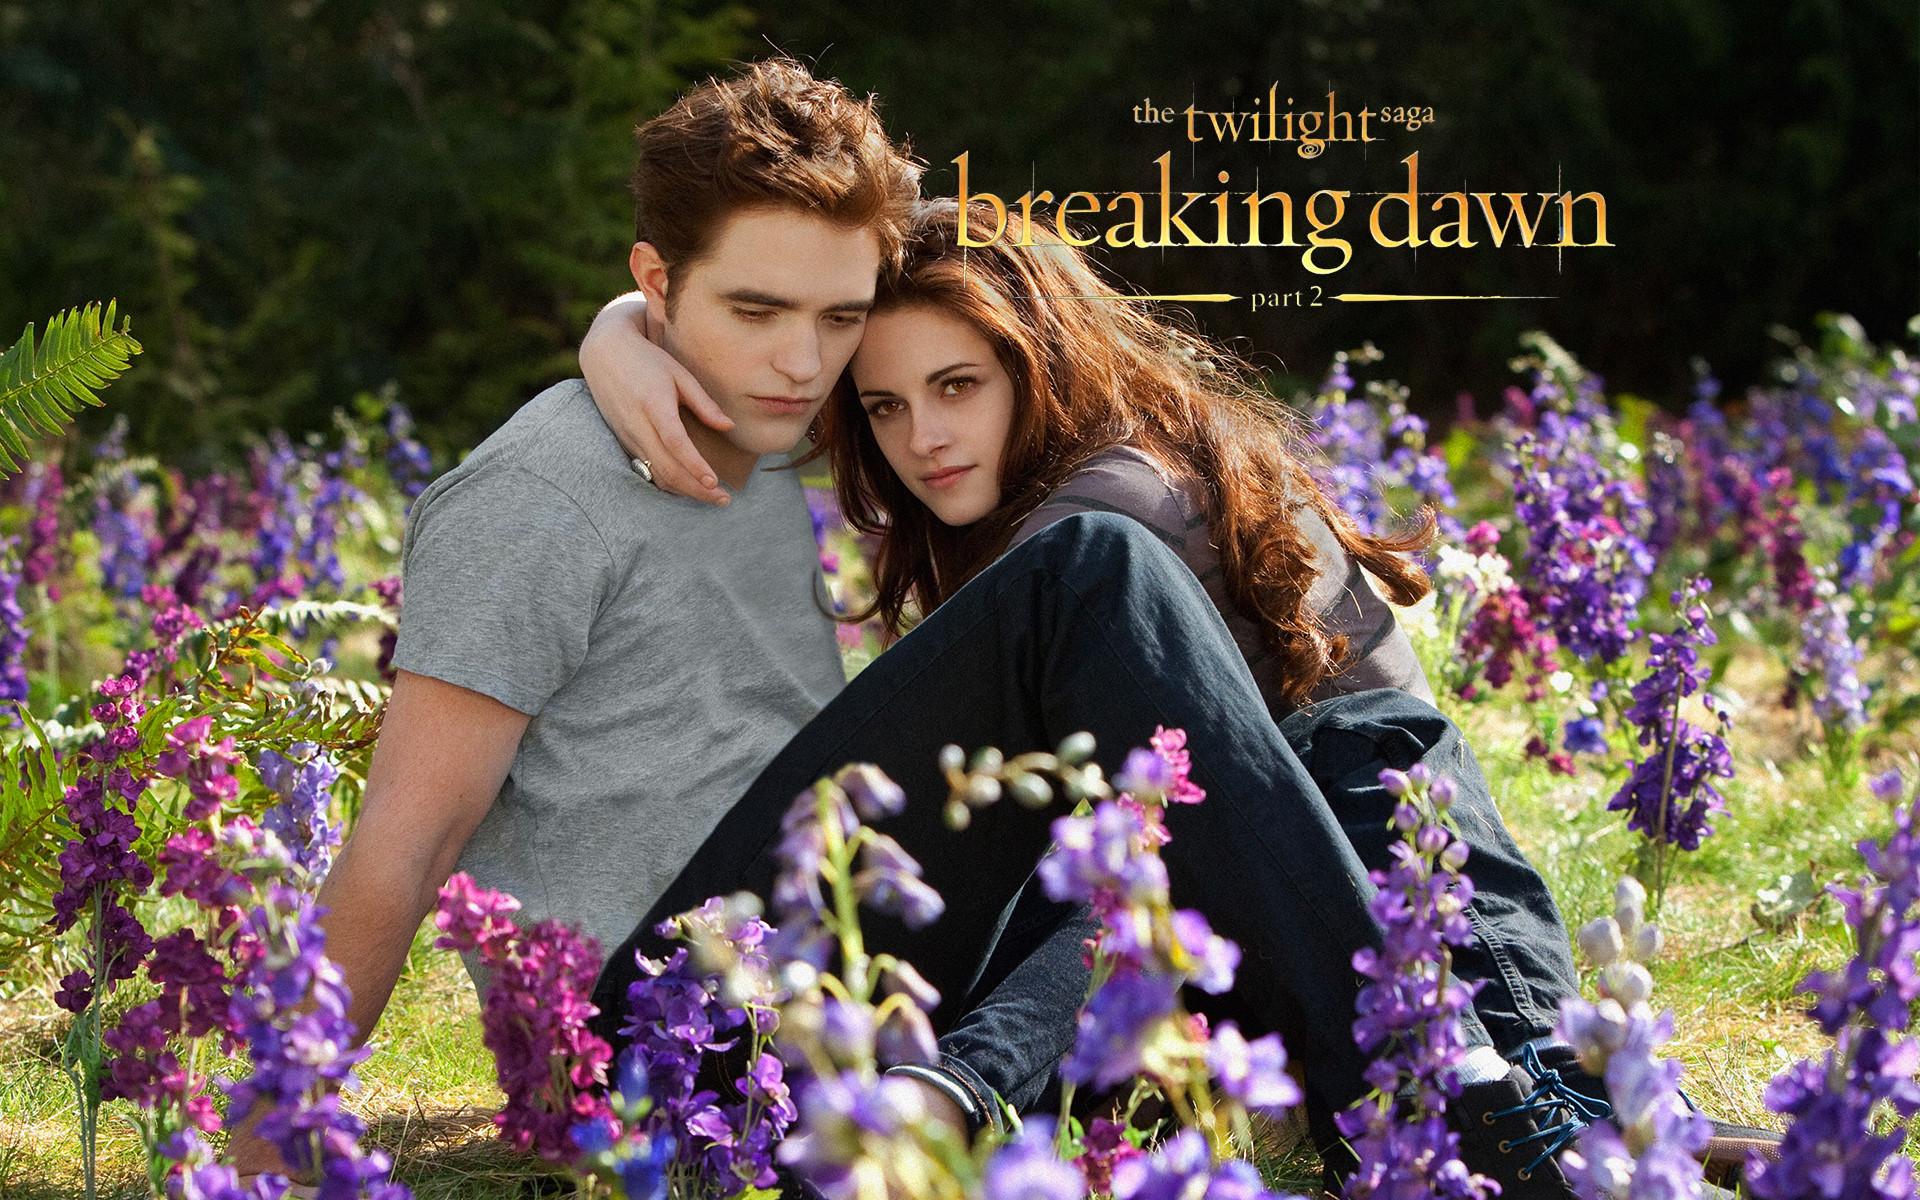 1920x1200, The Twilight Saga - Twilight Breaking Dawn Part 2 - HD Wallpaper